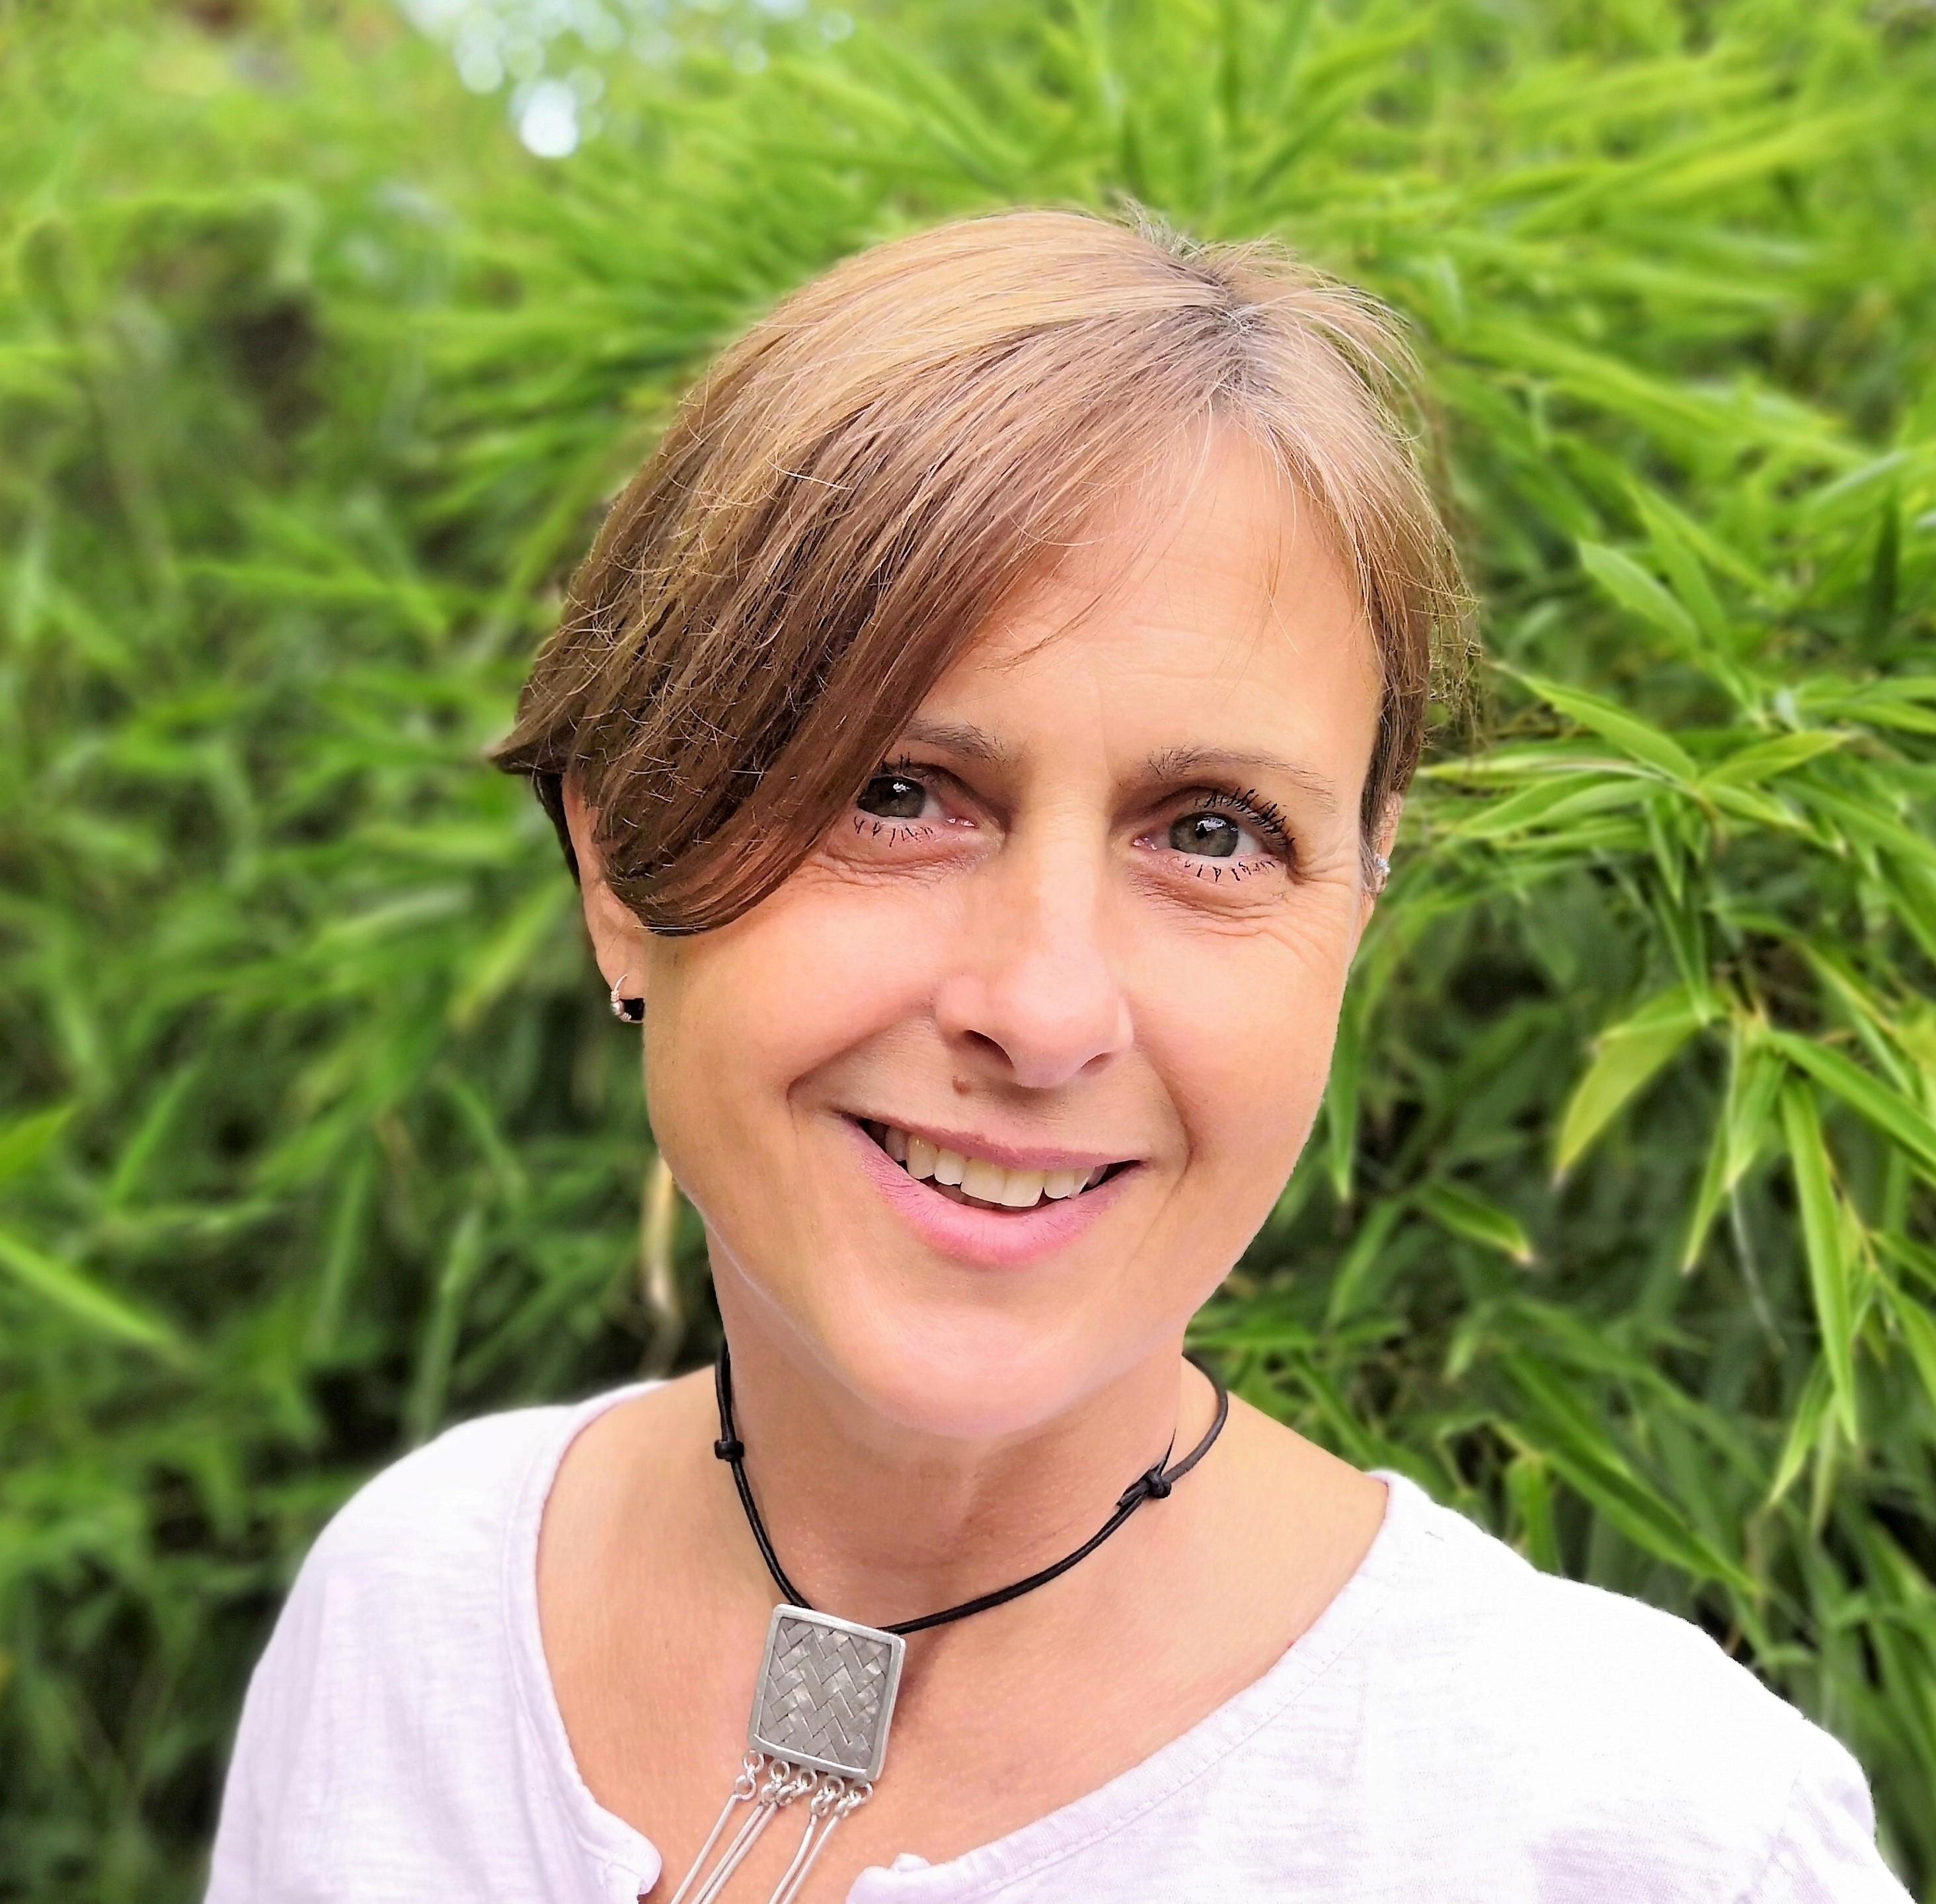 Julie Smart